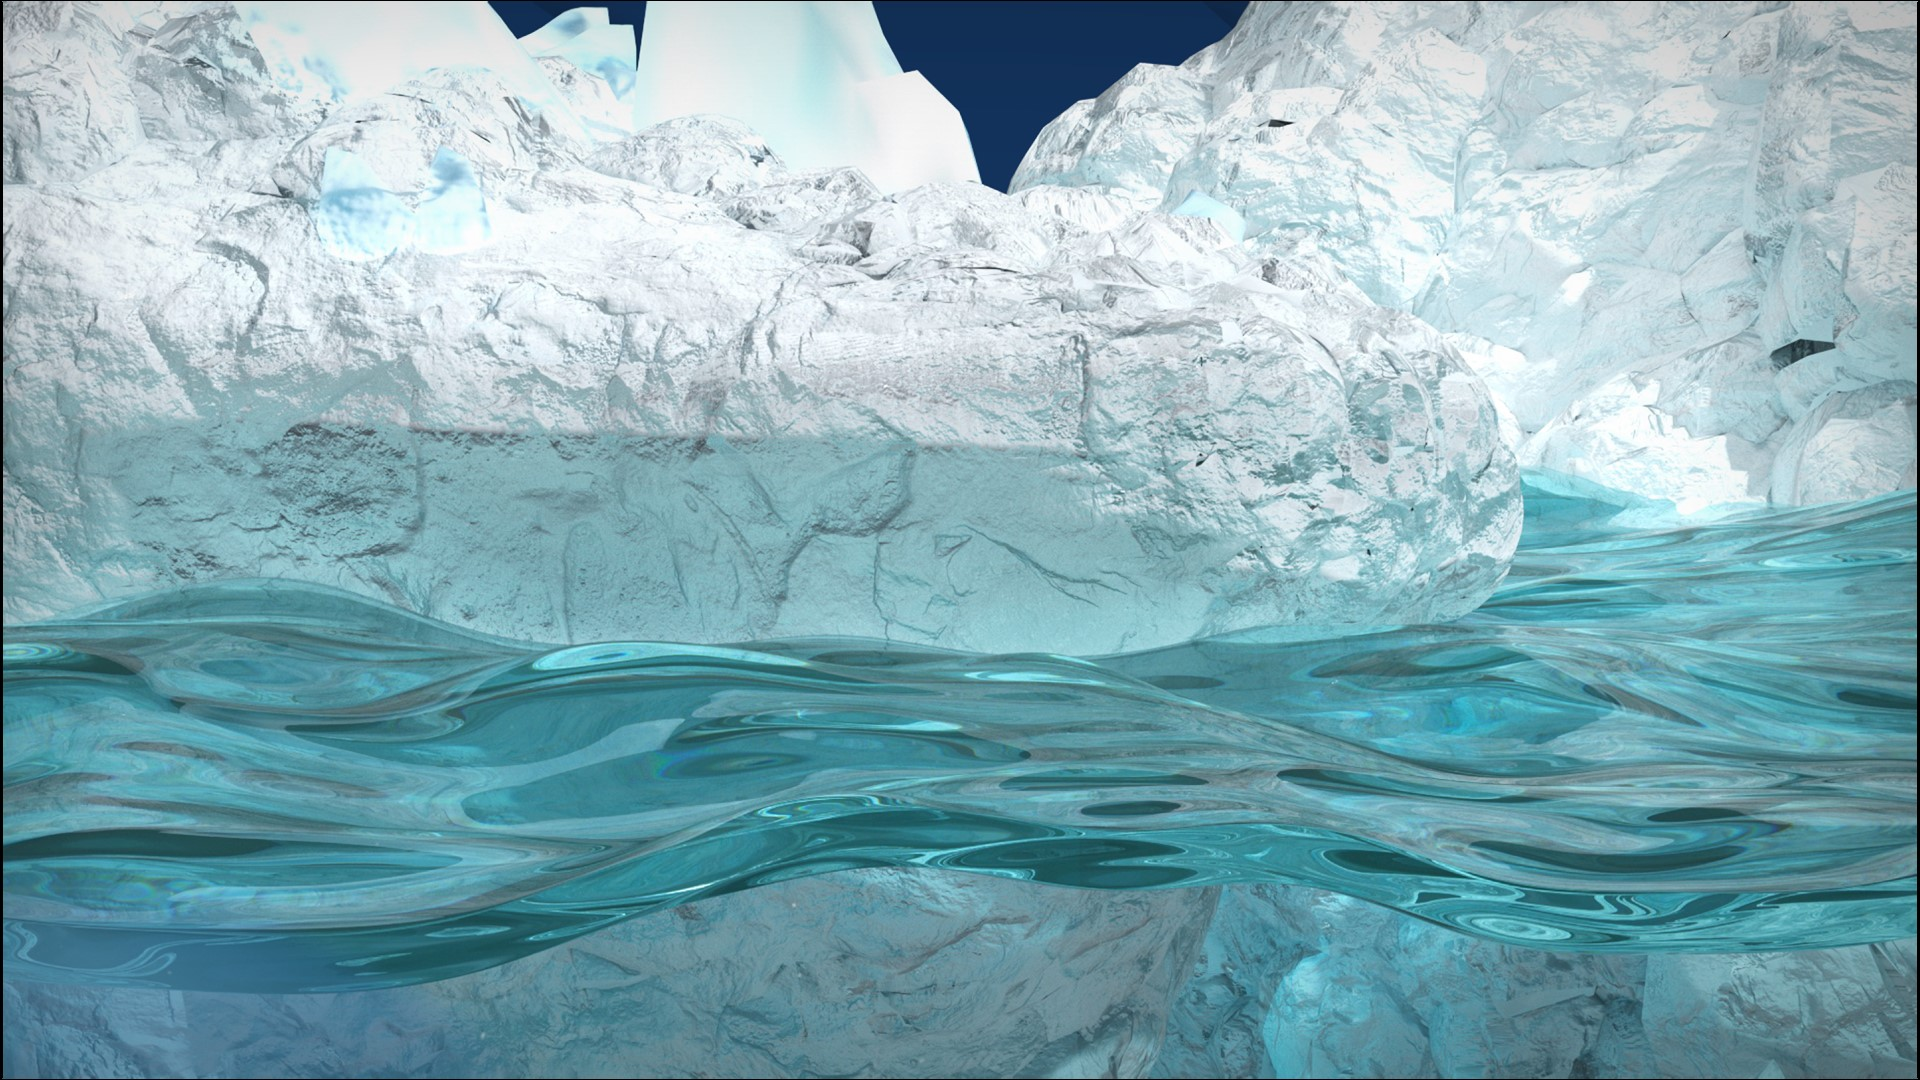 ICEBERG_16X9_v007.jpg